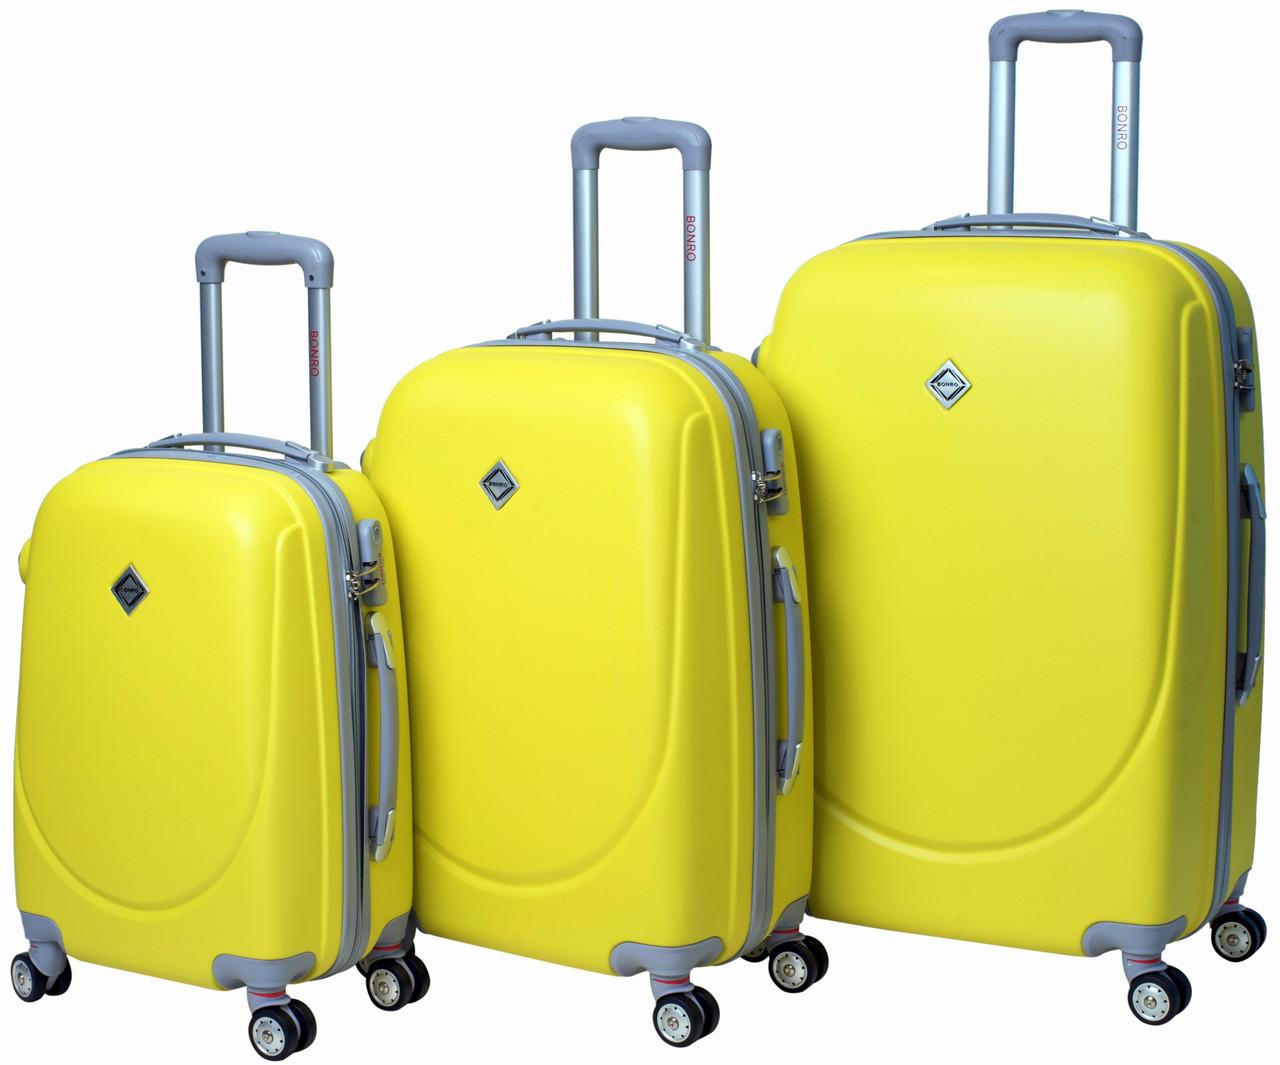 bd90d572b731 Набор чемоданов Bonro Smile 3 штуки с двойными колесами желтый (110065),  фото 1